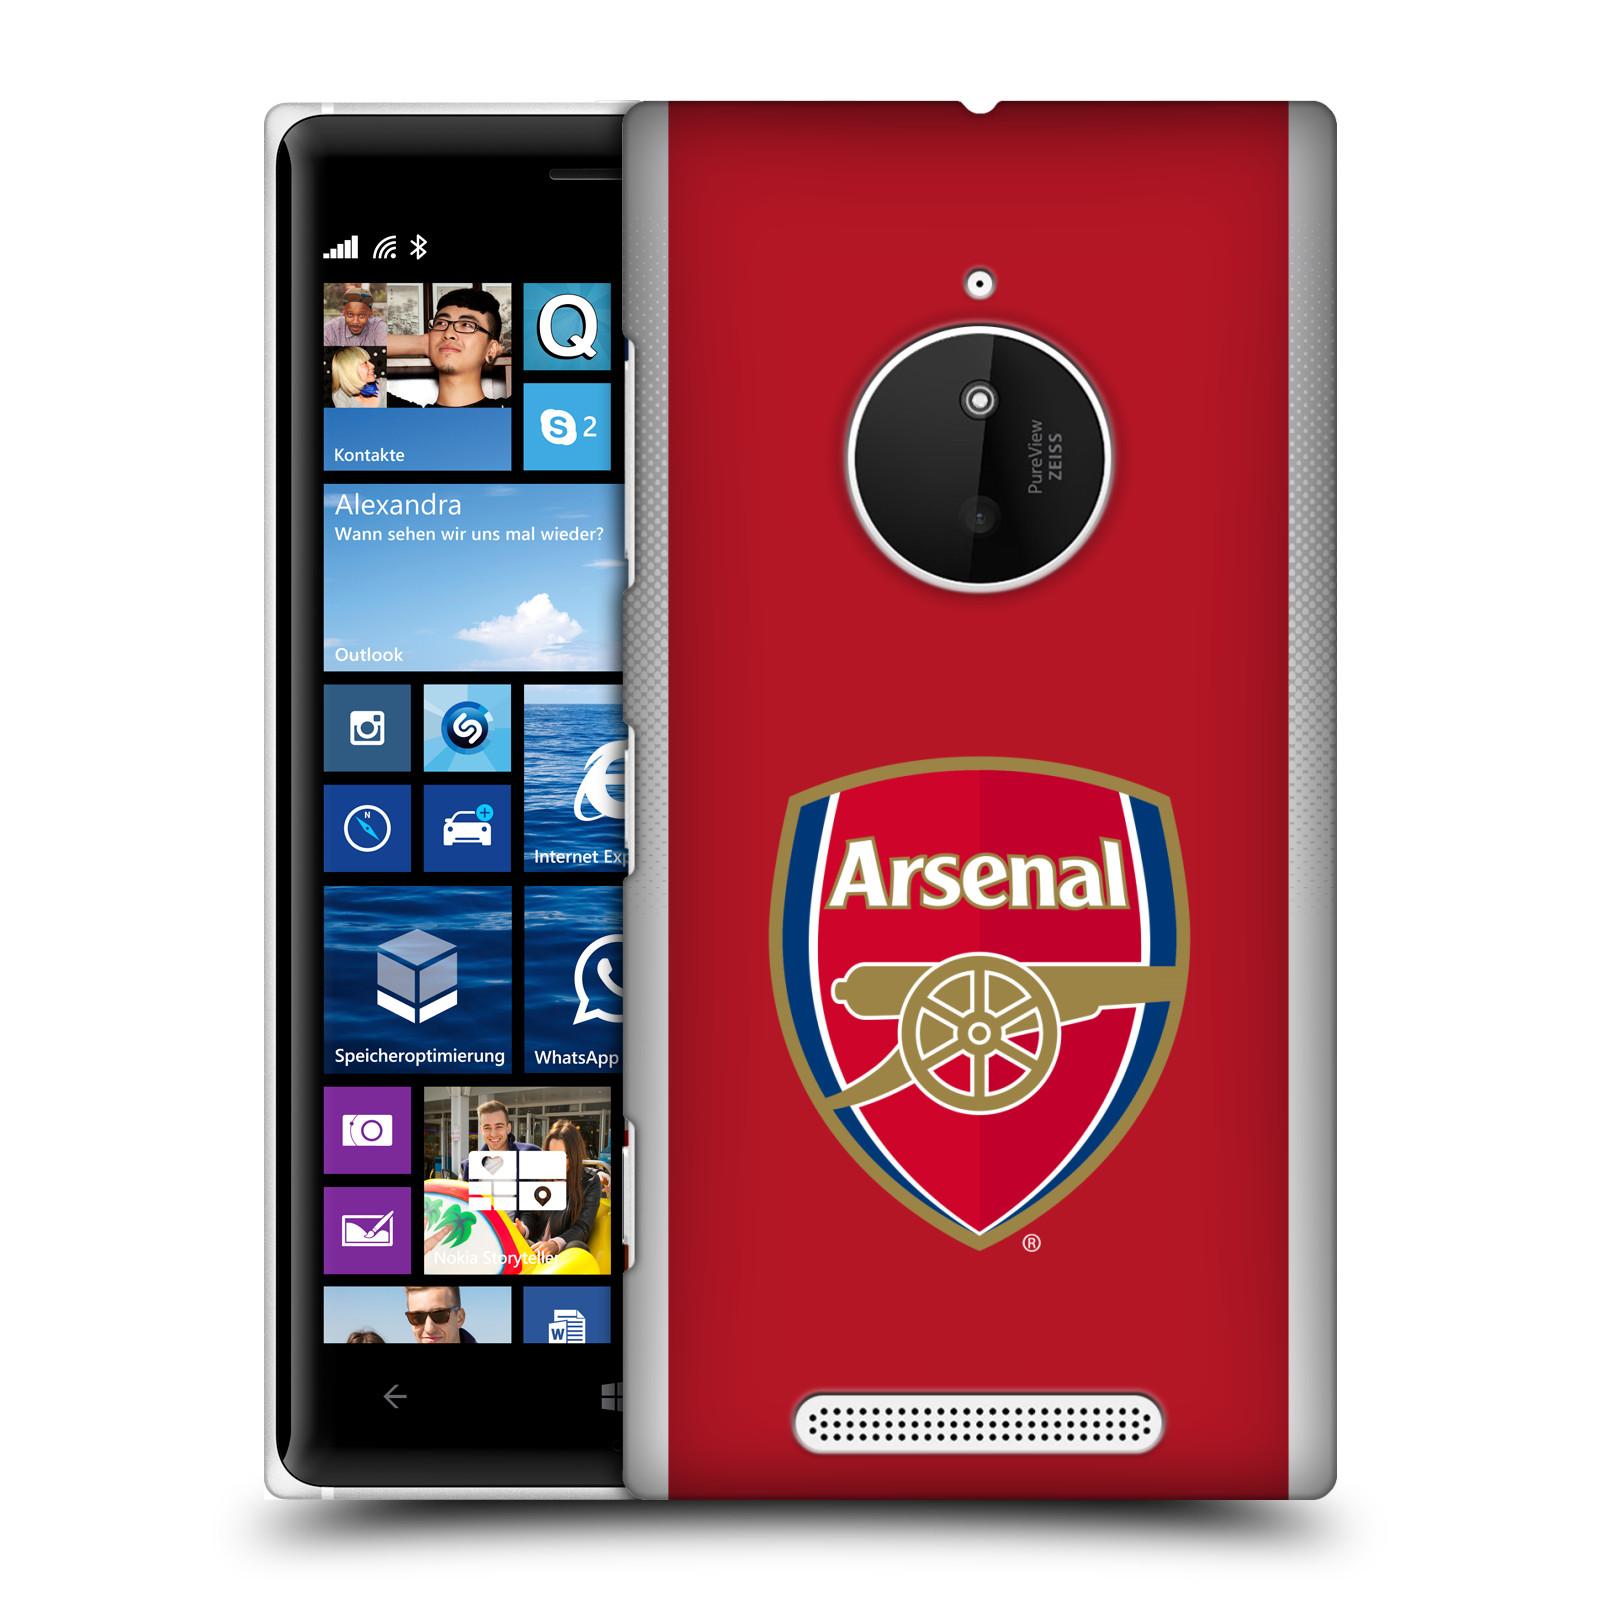 Plastové pouzdro na mobil Nokia Lumia 830 - Head Case - Arsenal FC - Logo klubu